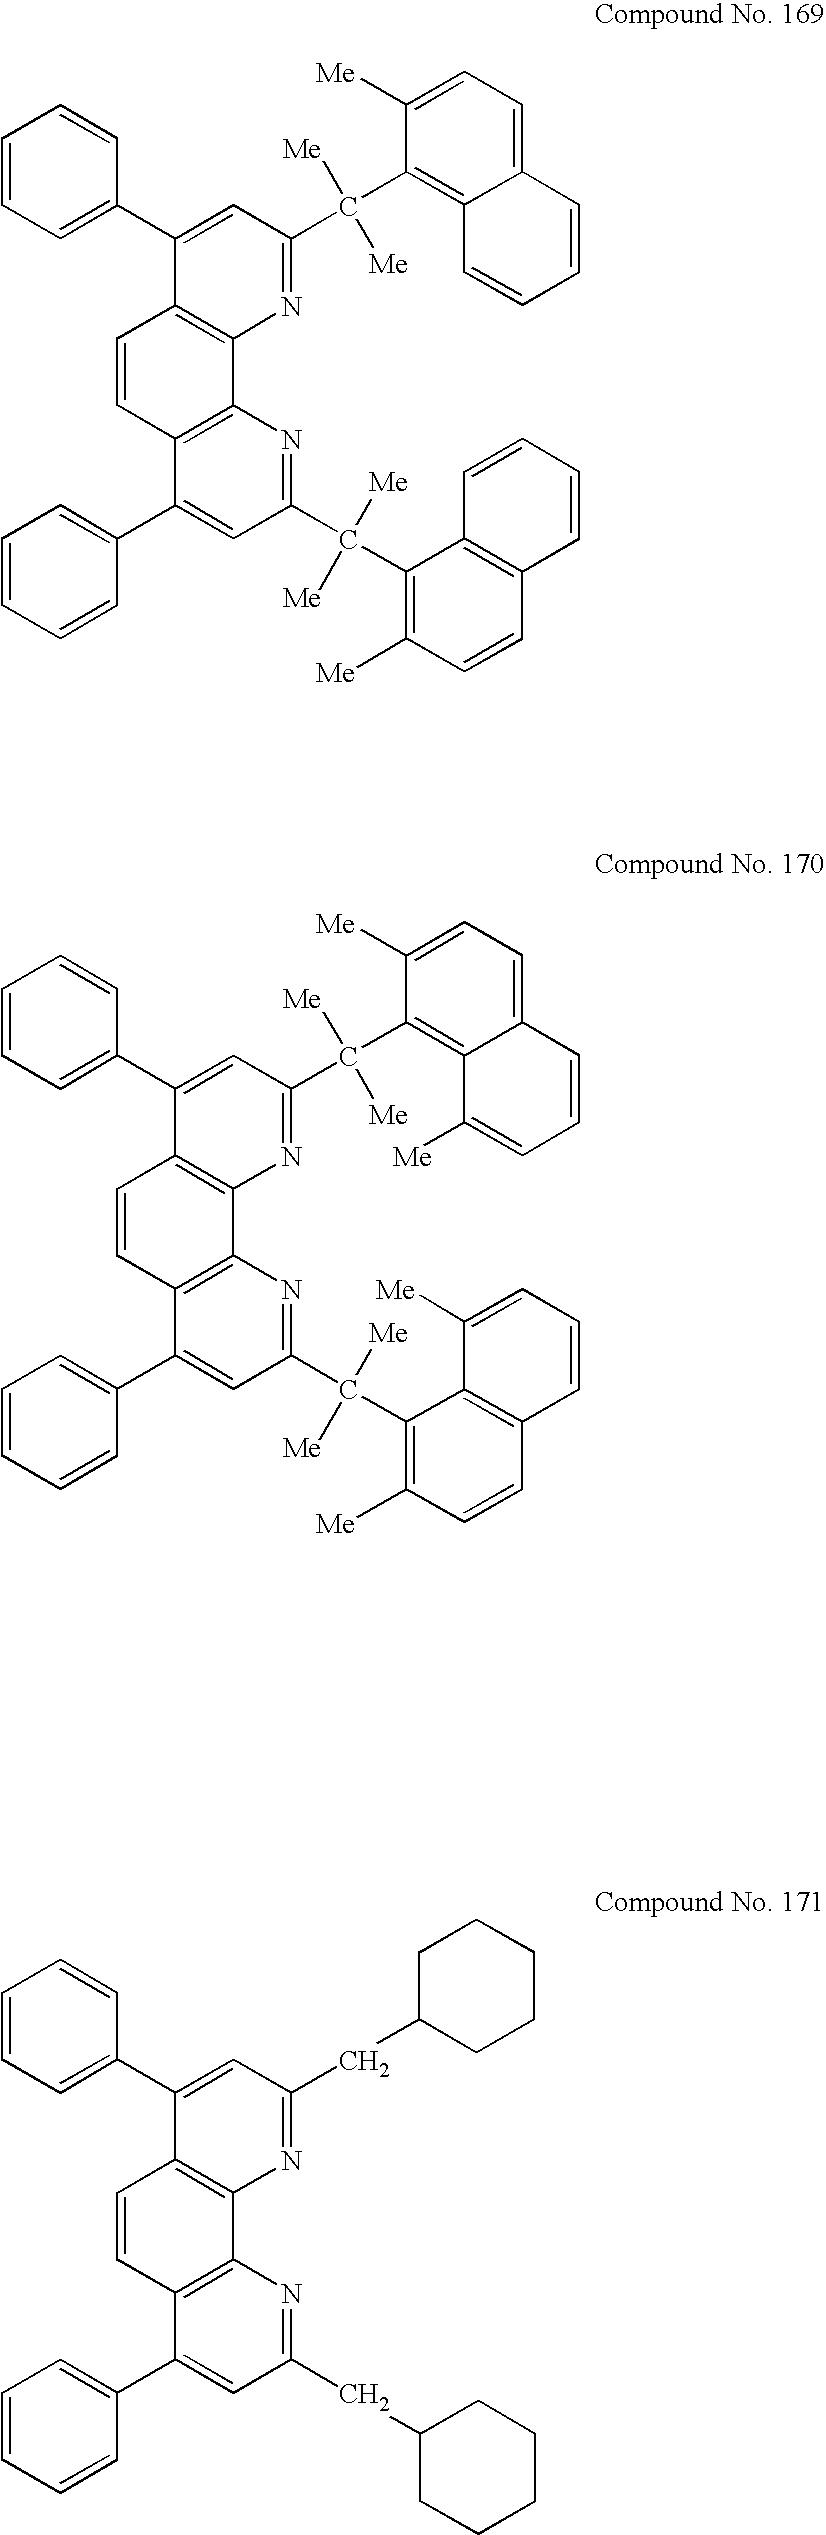 Figure US20050073641A1-20050407-C00055